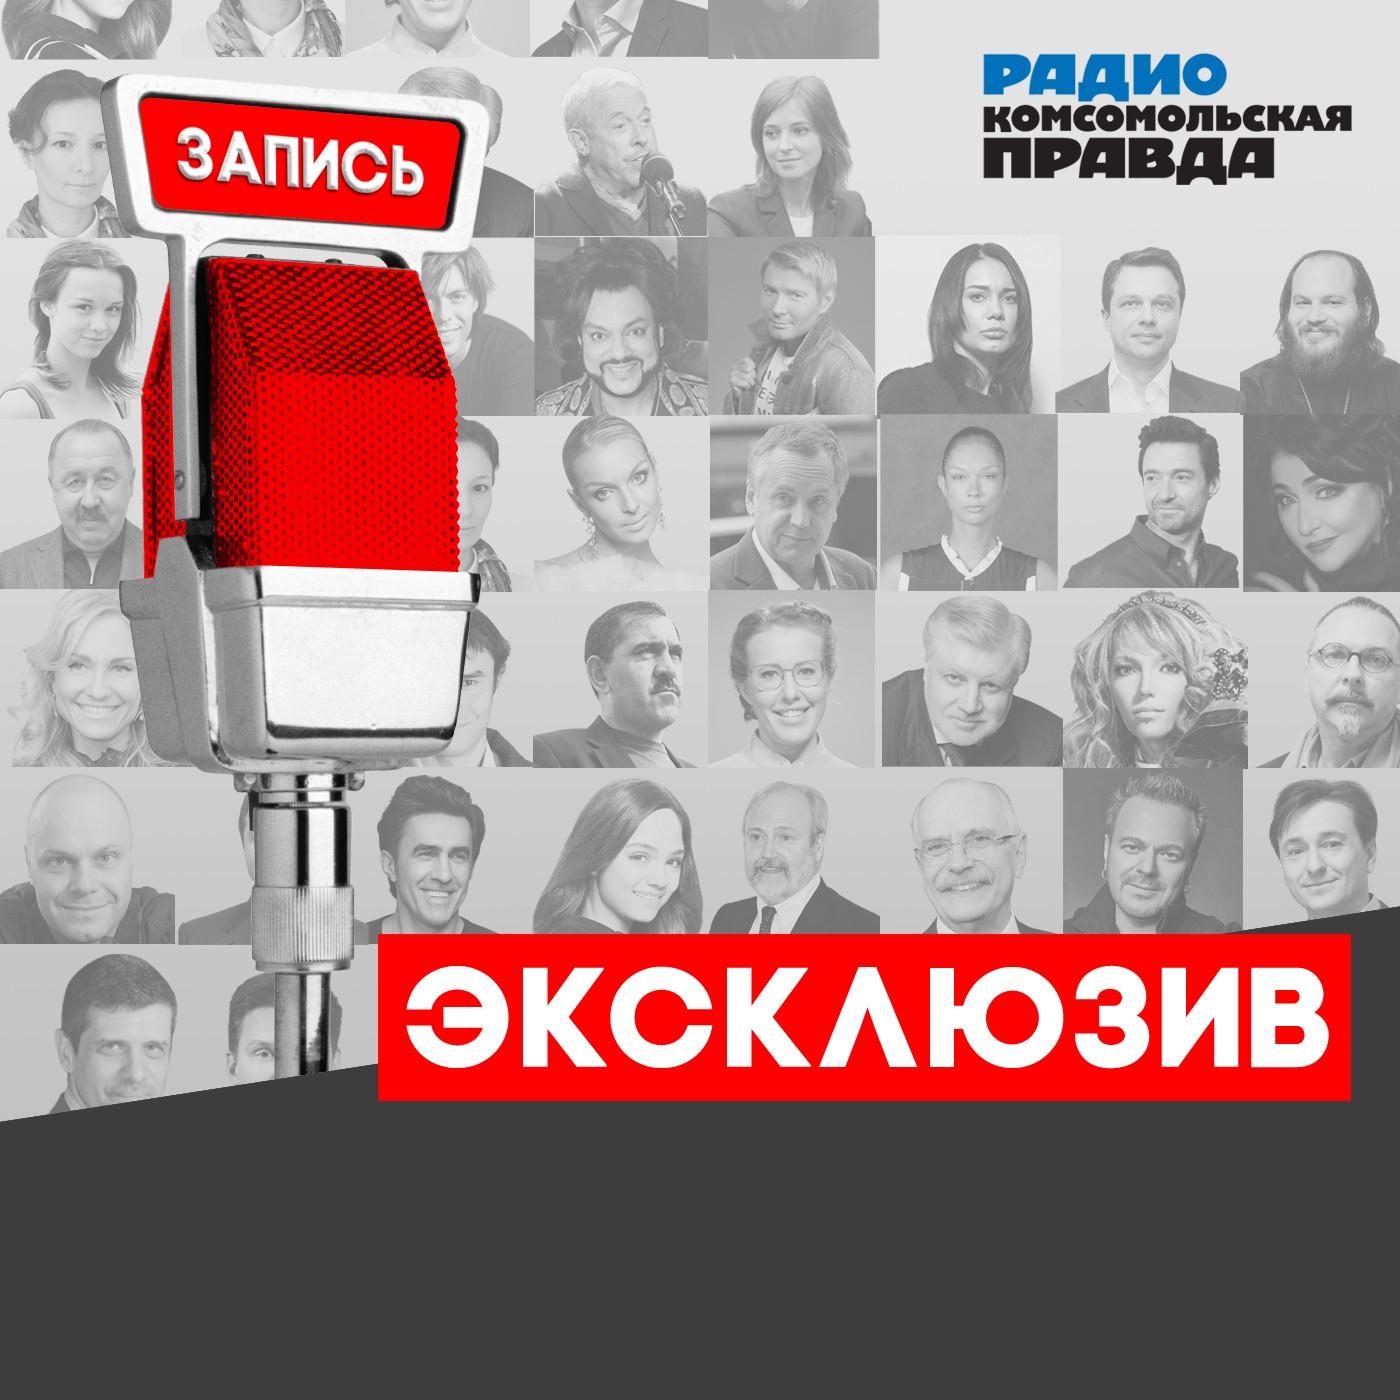 Радио «Комсомольская правда» Анна Кузнецова: «Ребенок не должен быть заложником взрослых проблем»